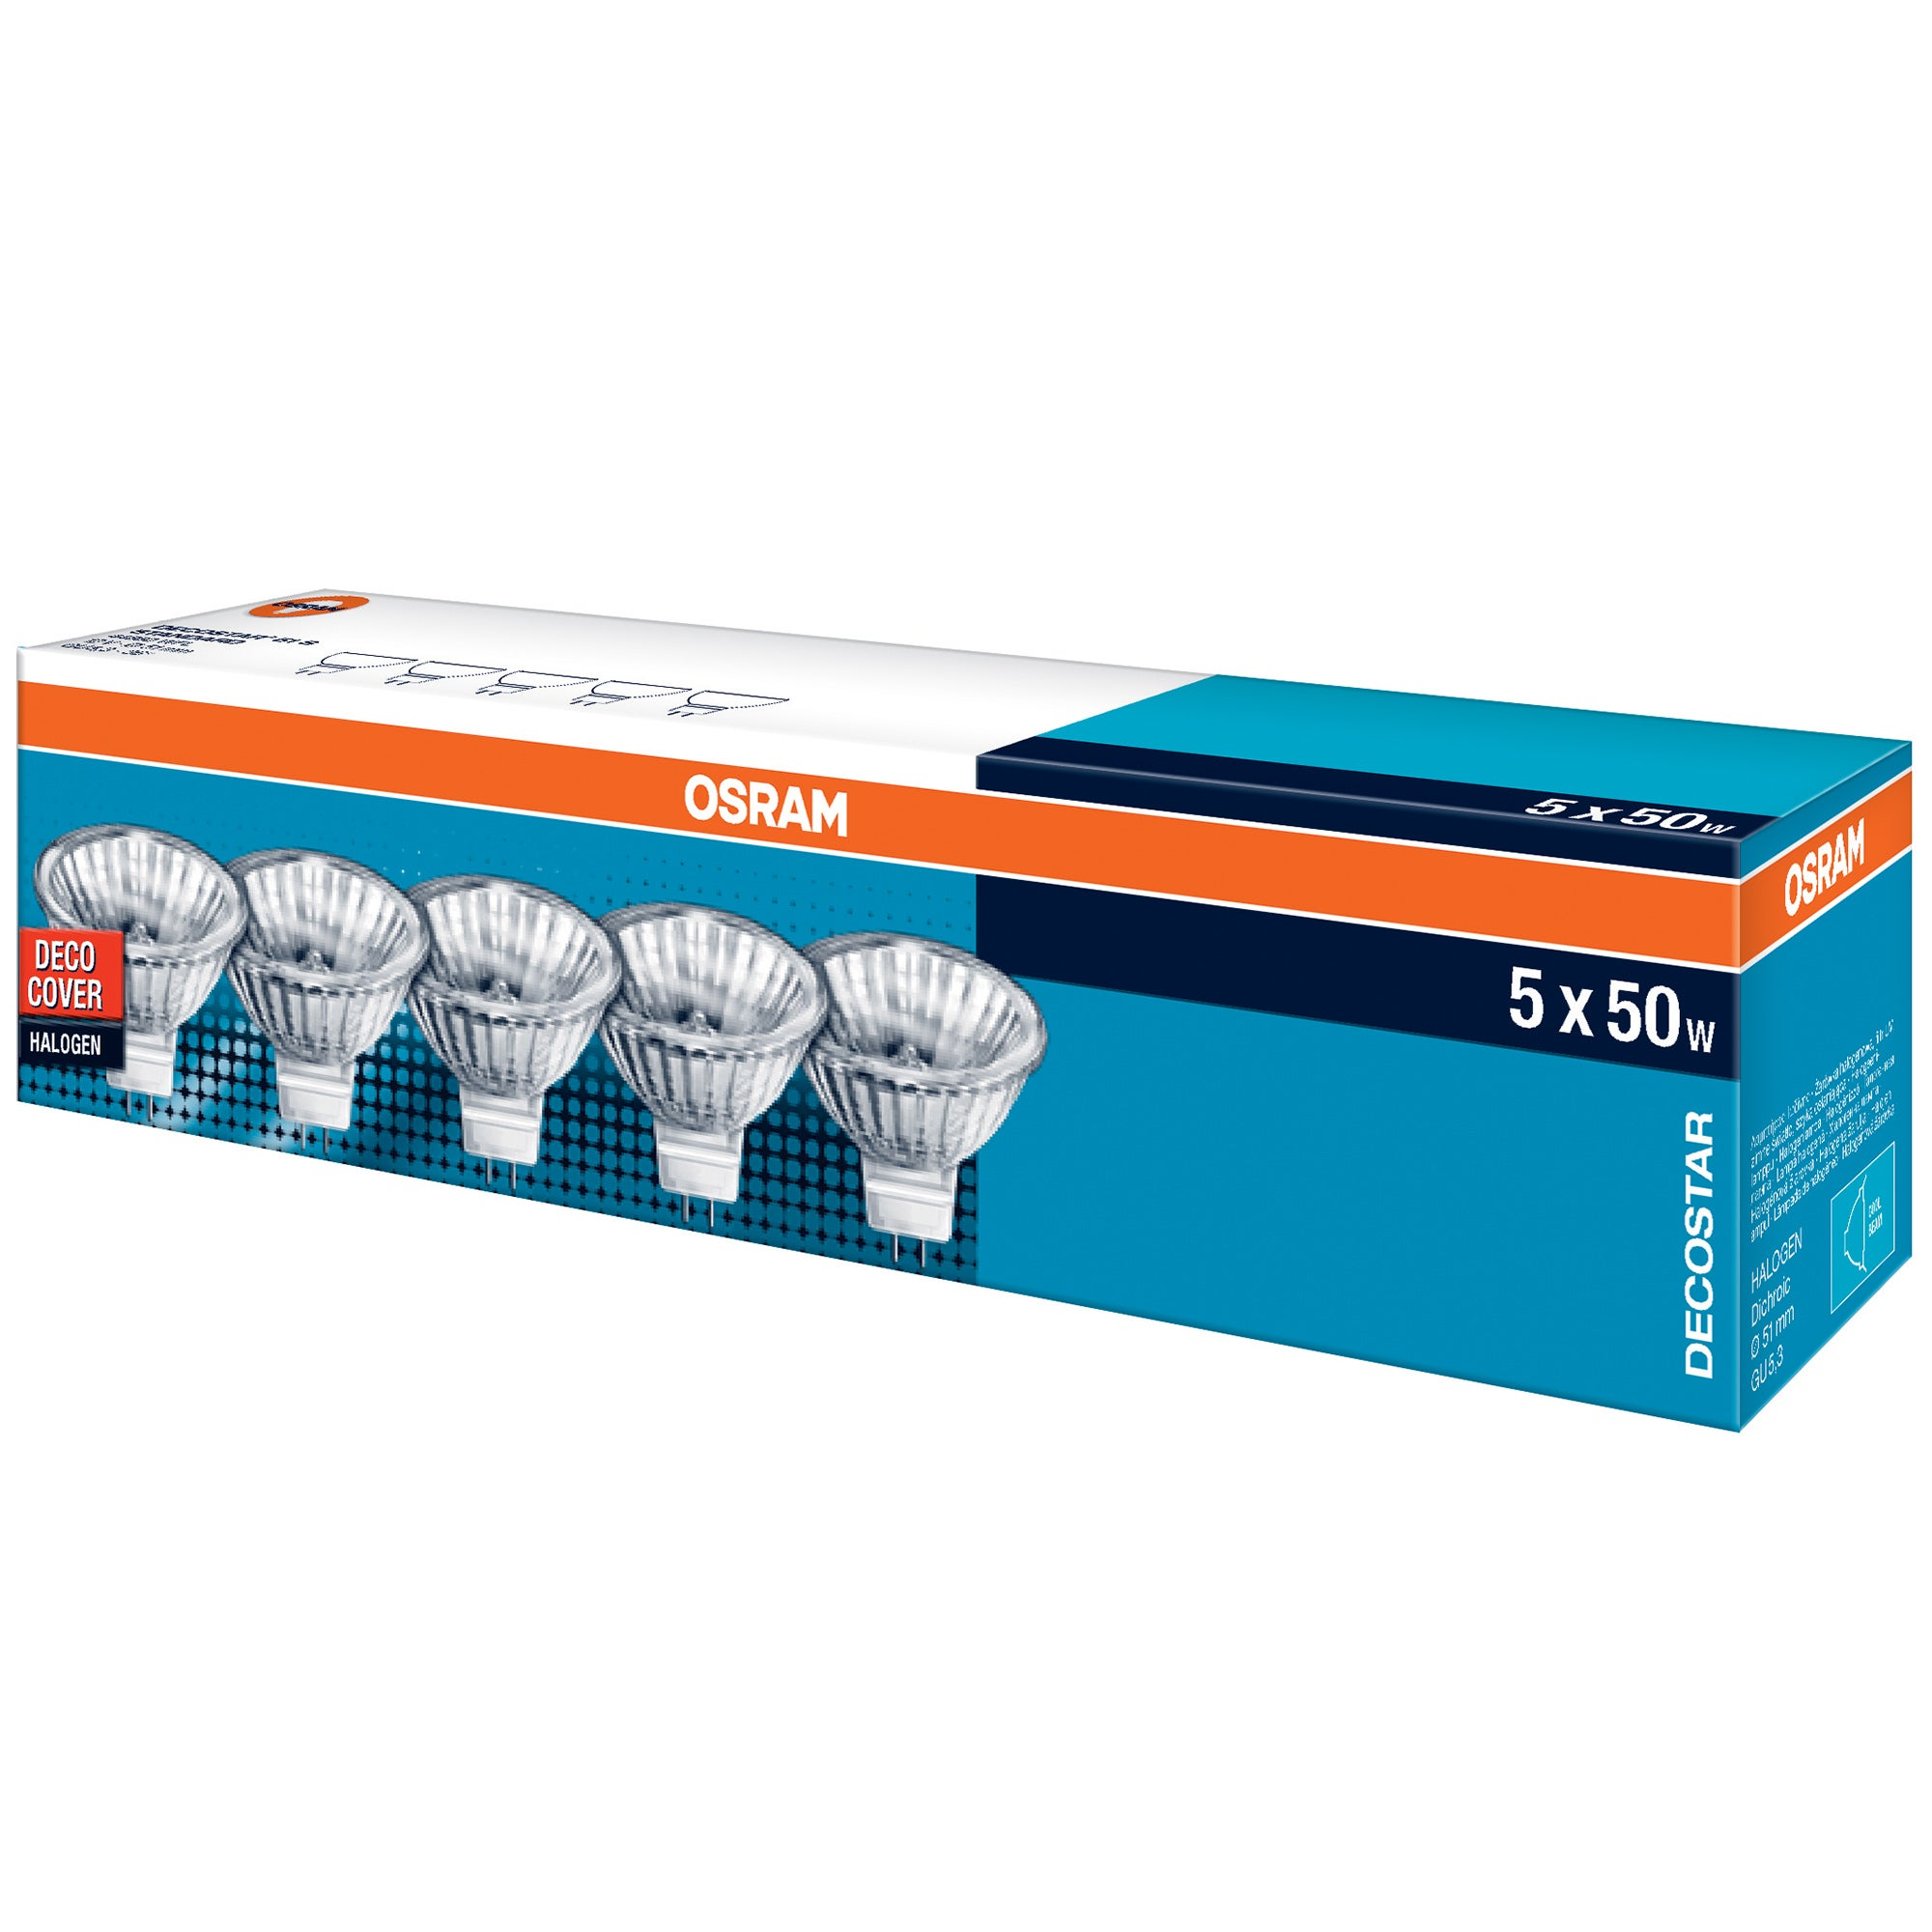 Osram 50 Watt Halogen Bulb 5 Pack